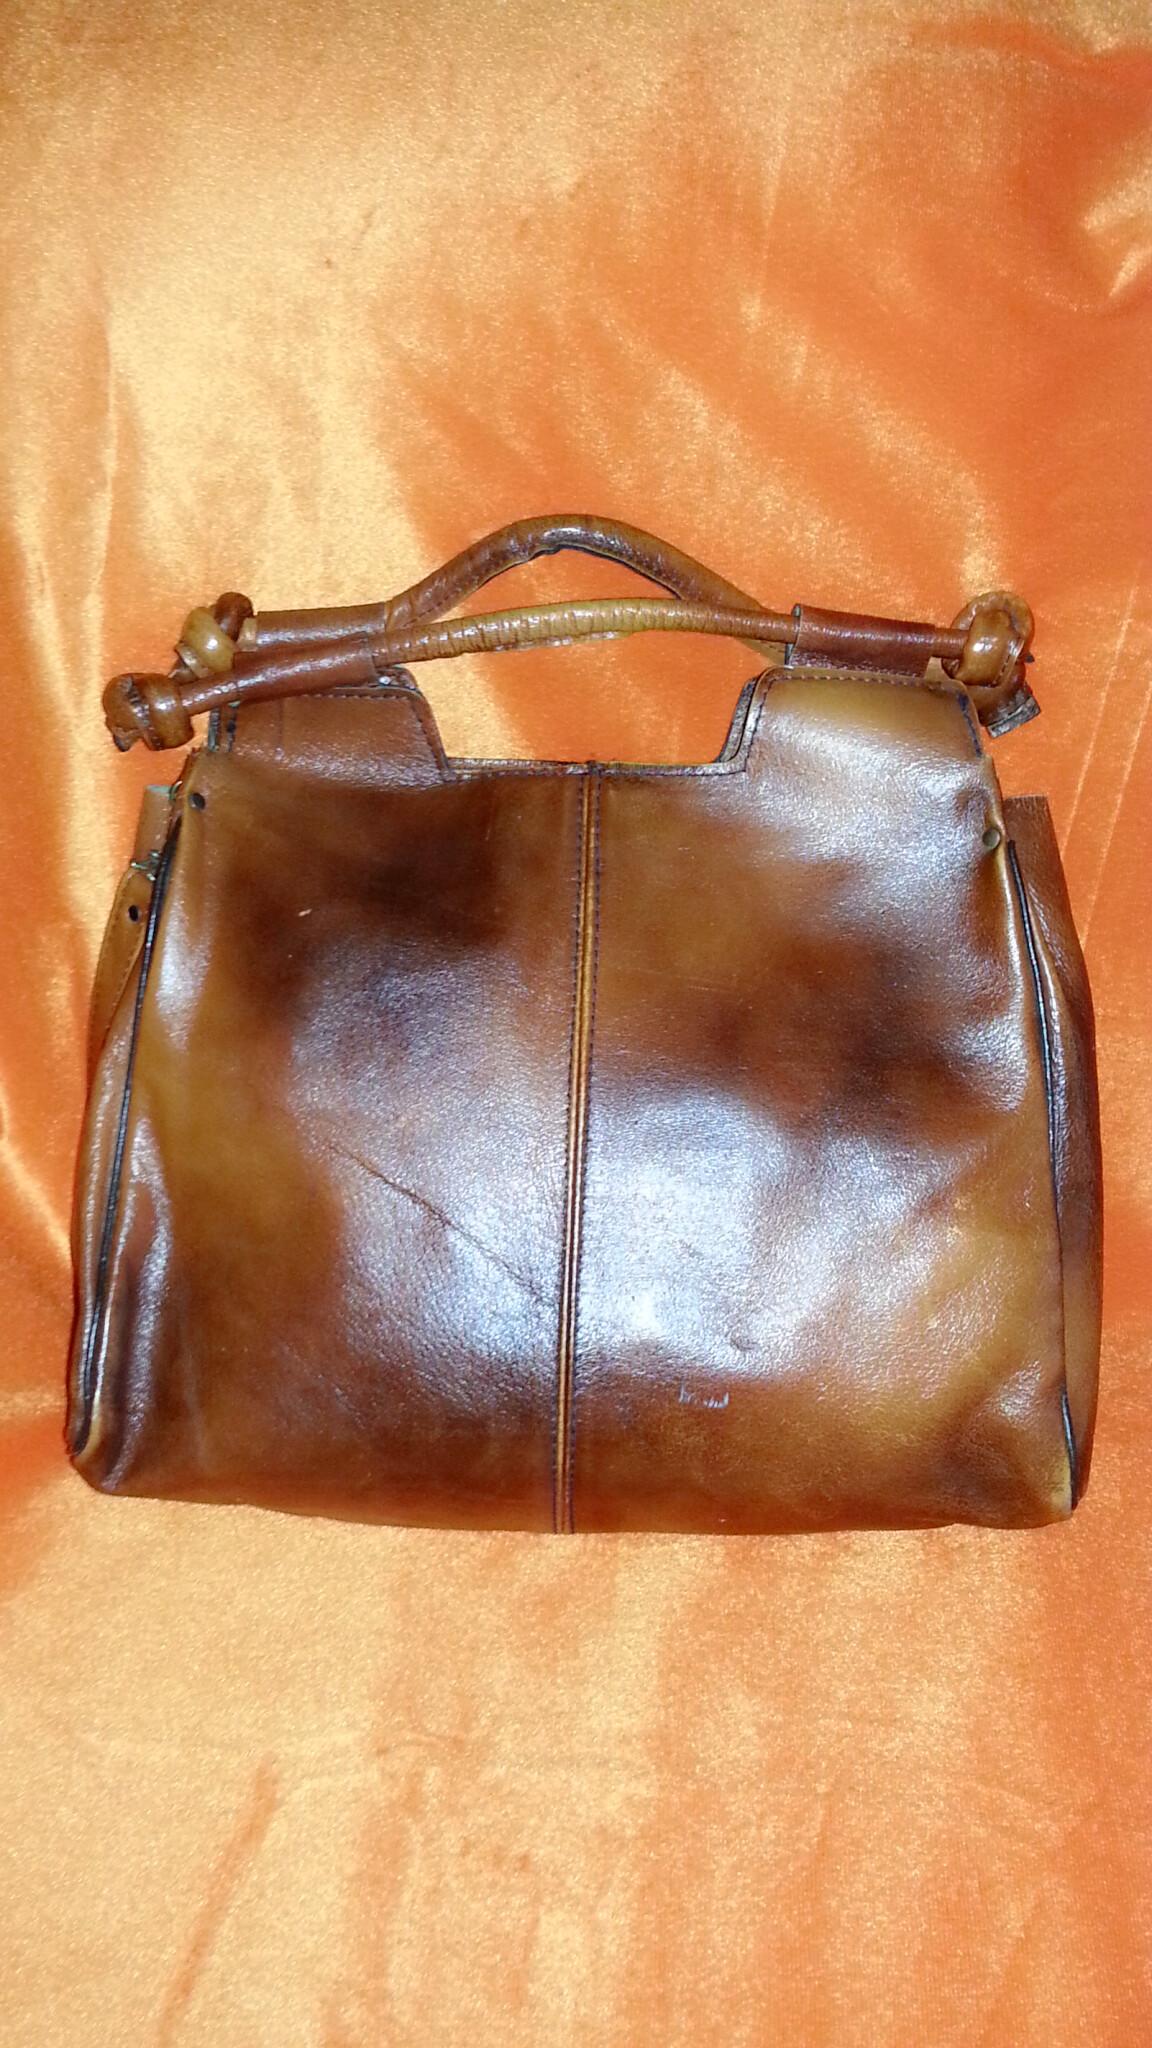 ขายแล้วค่ะ B37:Vintage leather bag กระเป๋าหนังแท้ใบใหญ่ใช้สะพายหรือถือ&#x2764